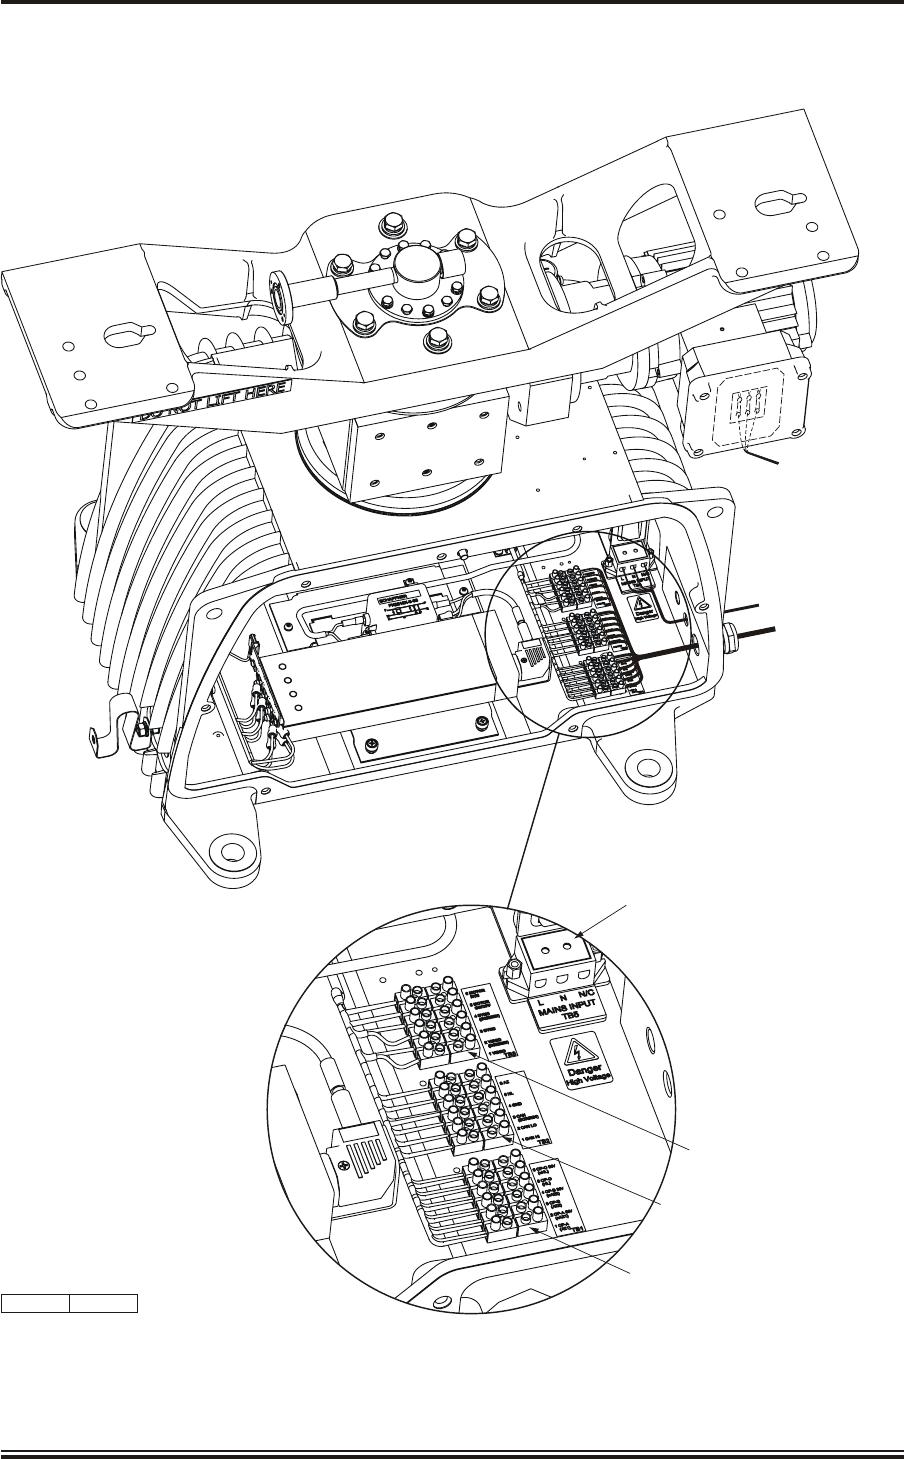 Kelvin Hughes DTX-A3 RADAR User Manual KH1264 issue 1 vp